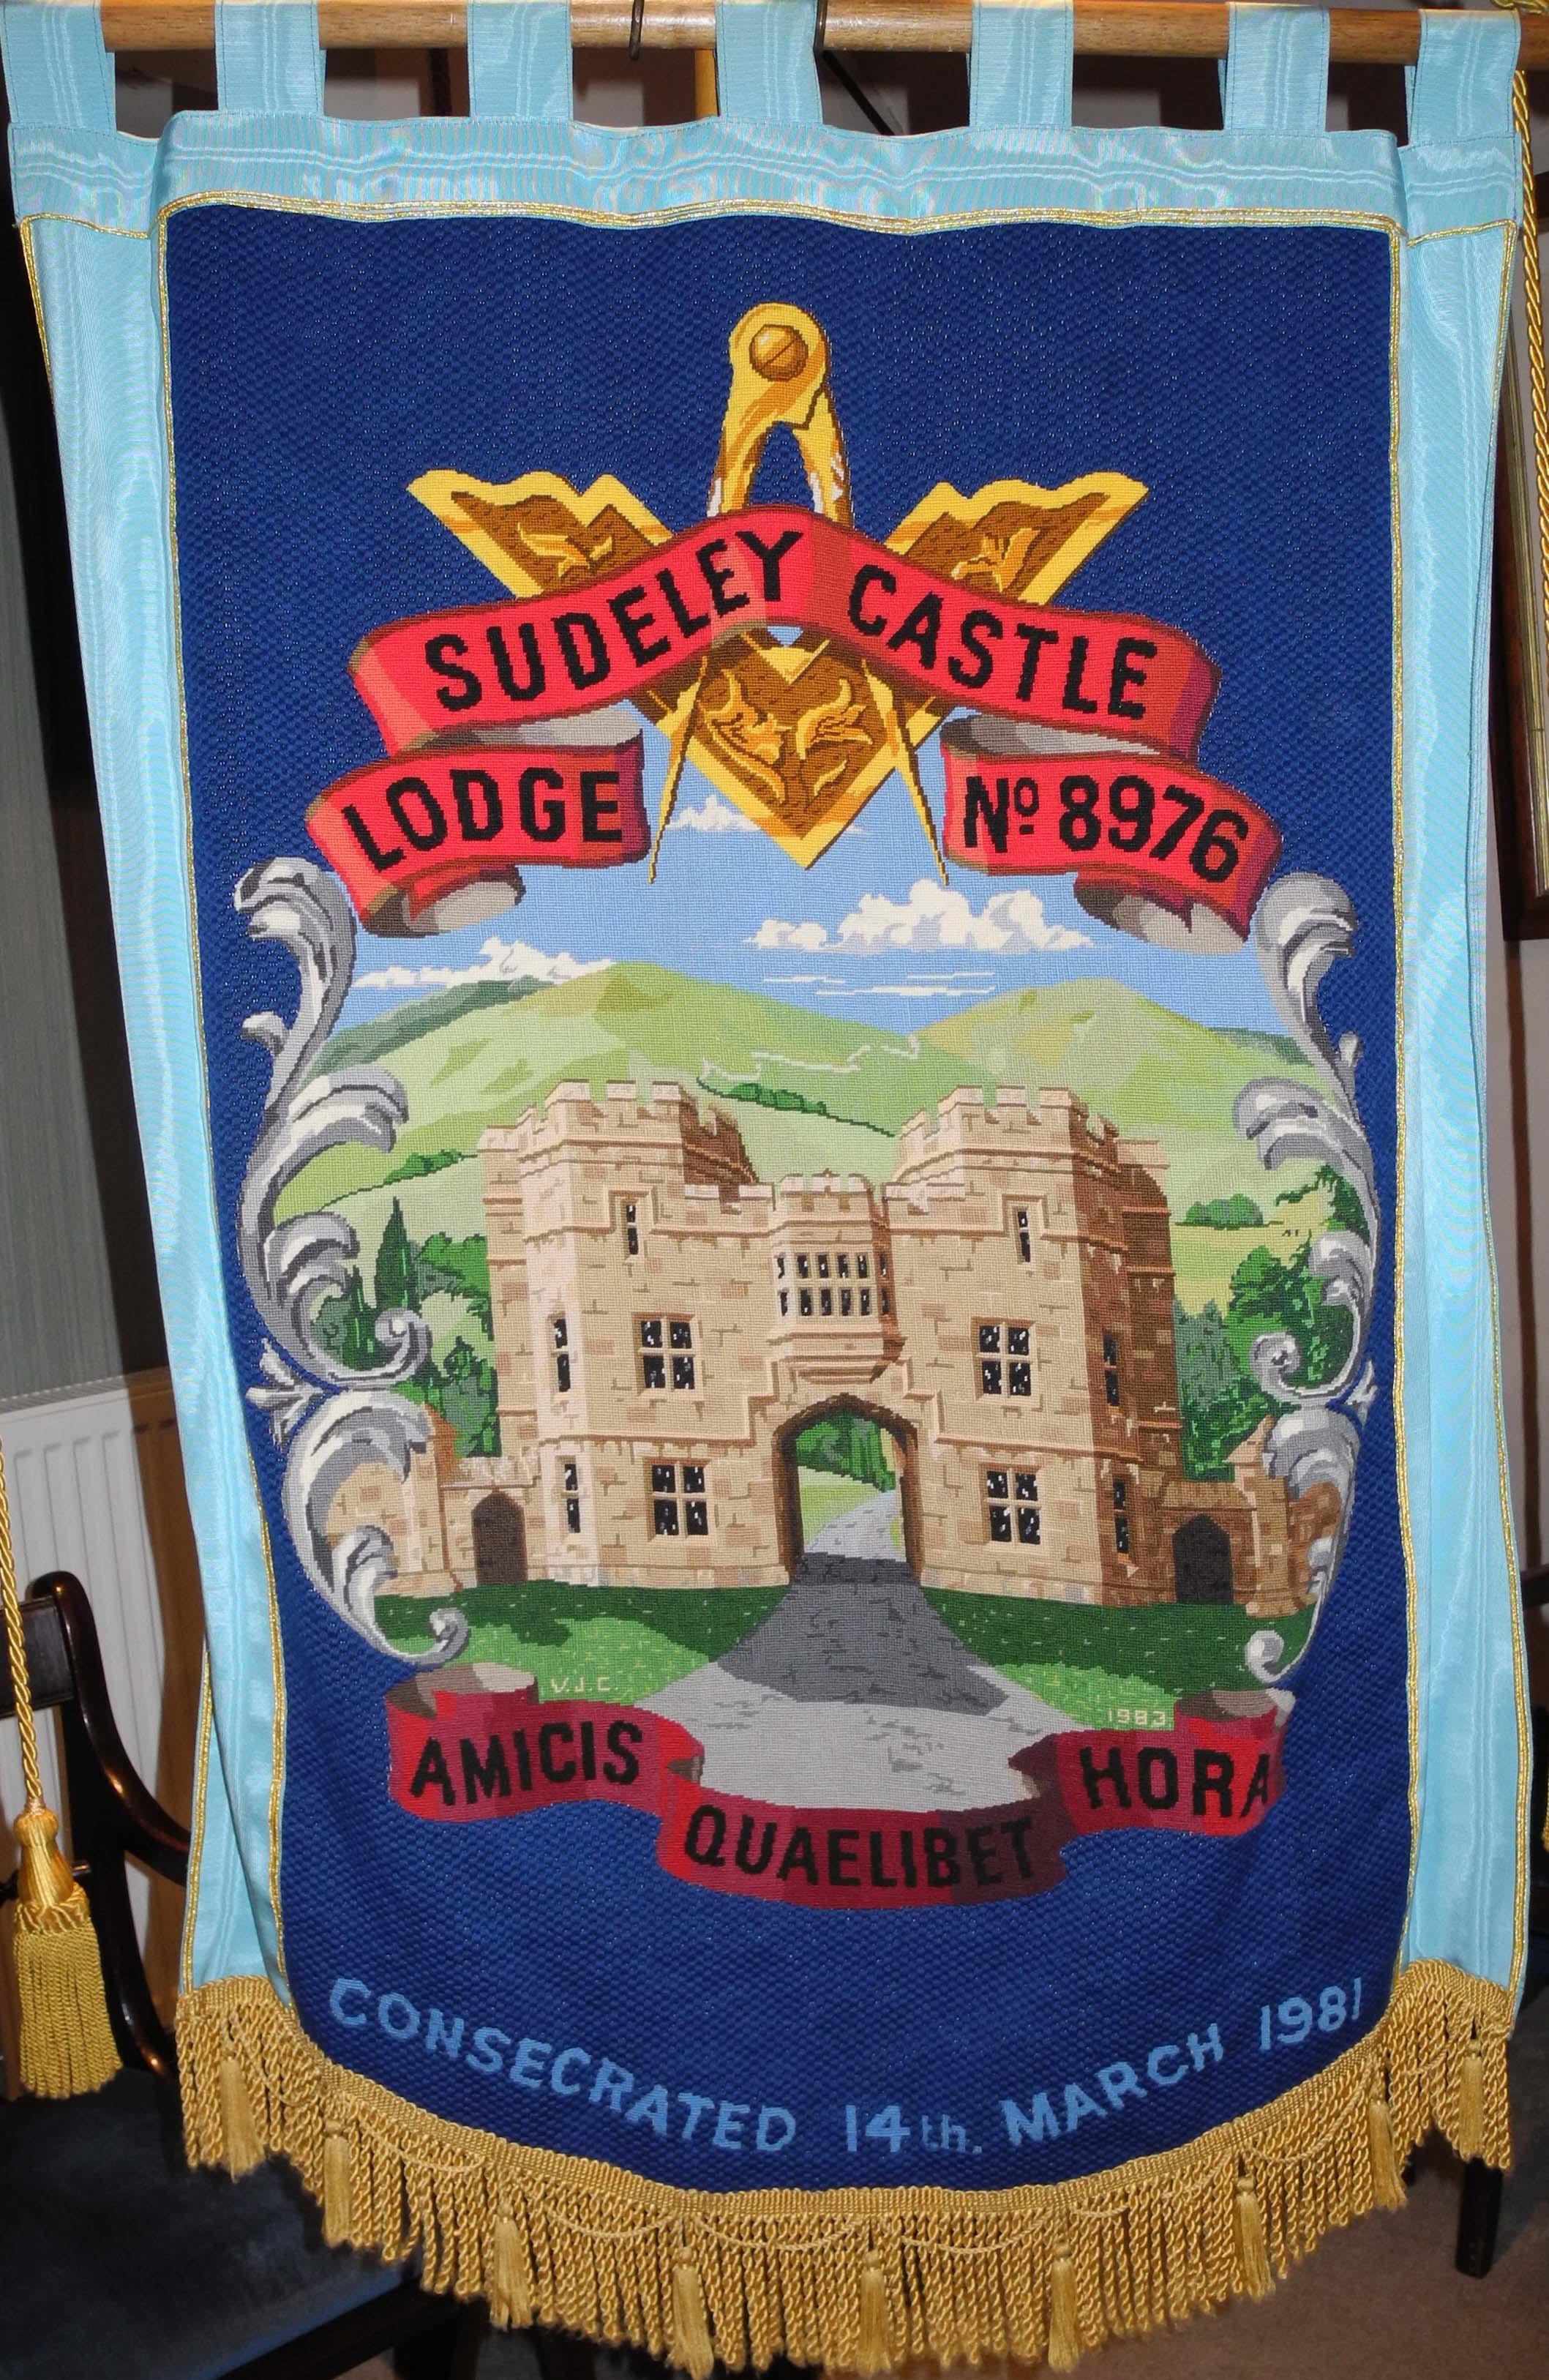 Sudeley Castle Lodge Banner